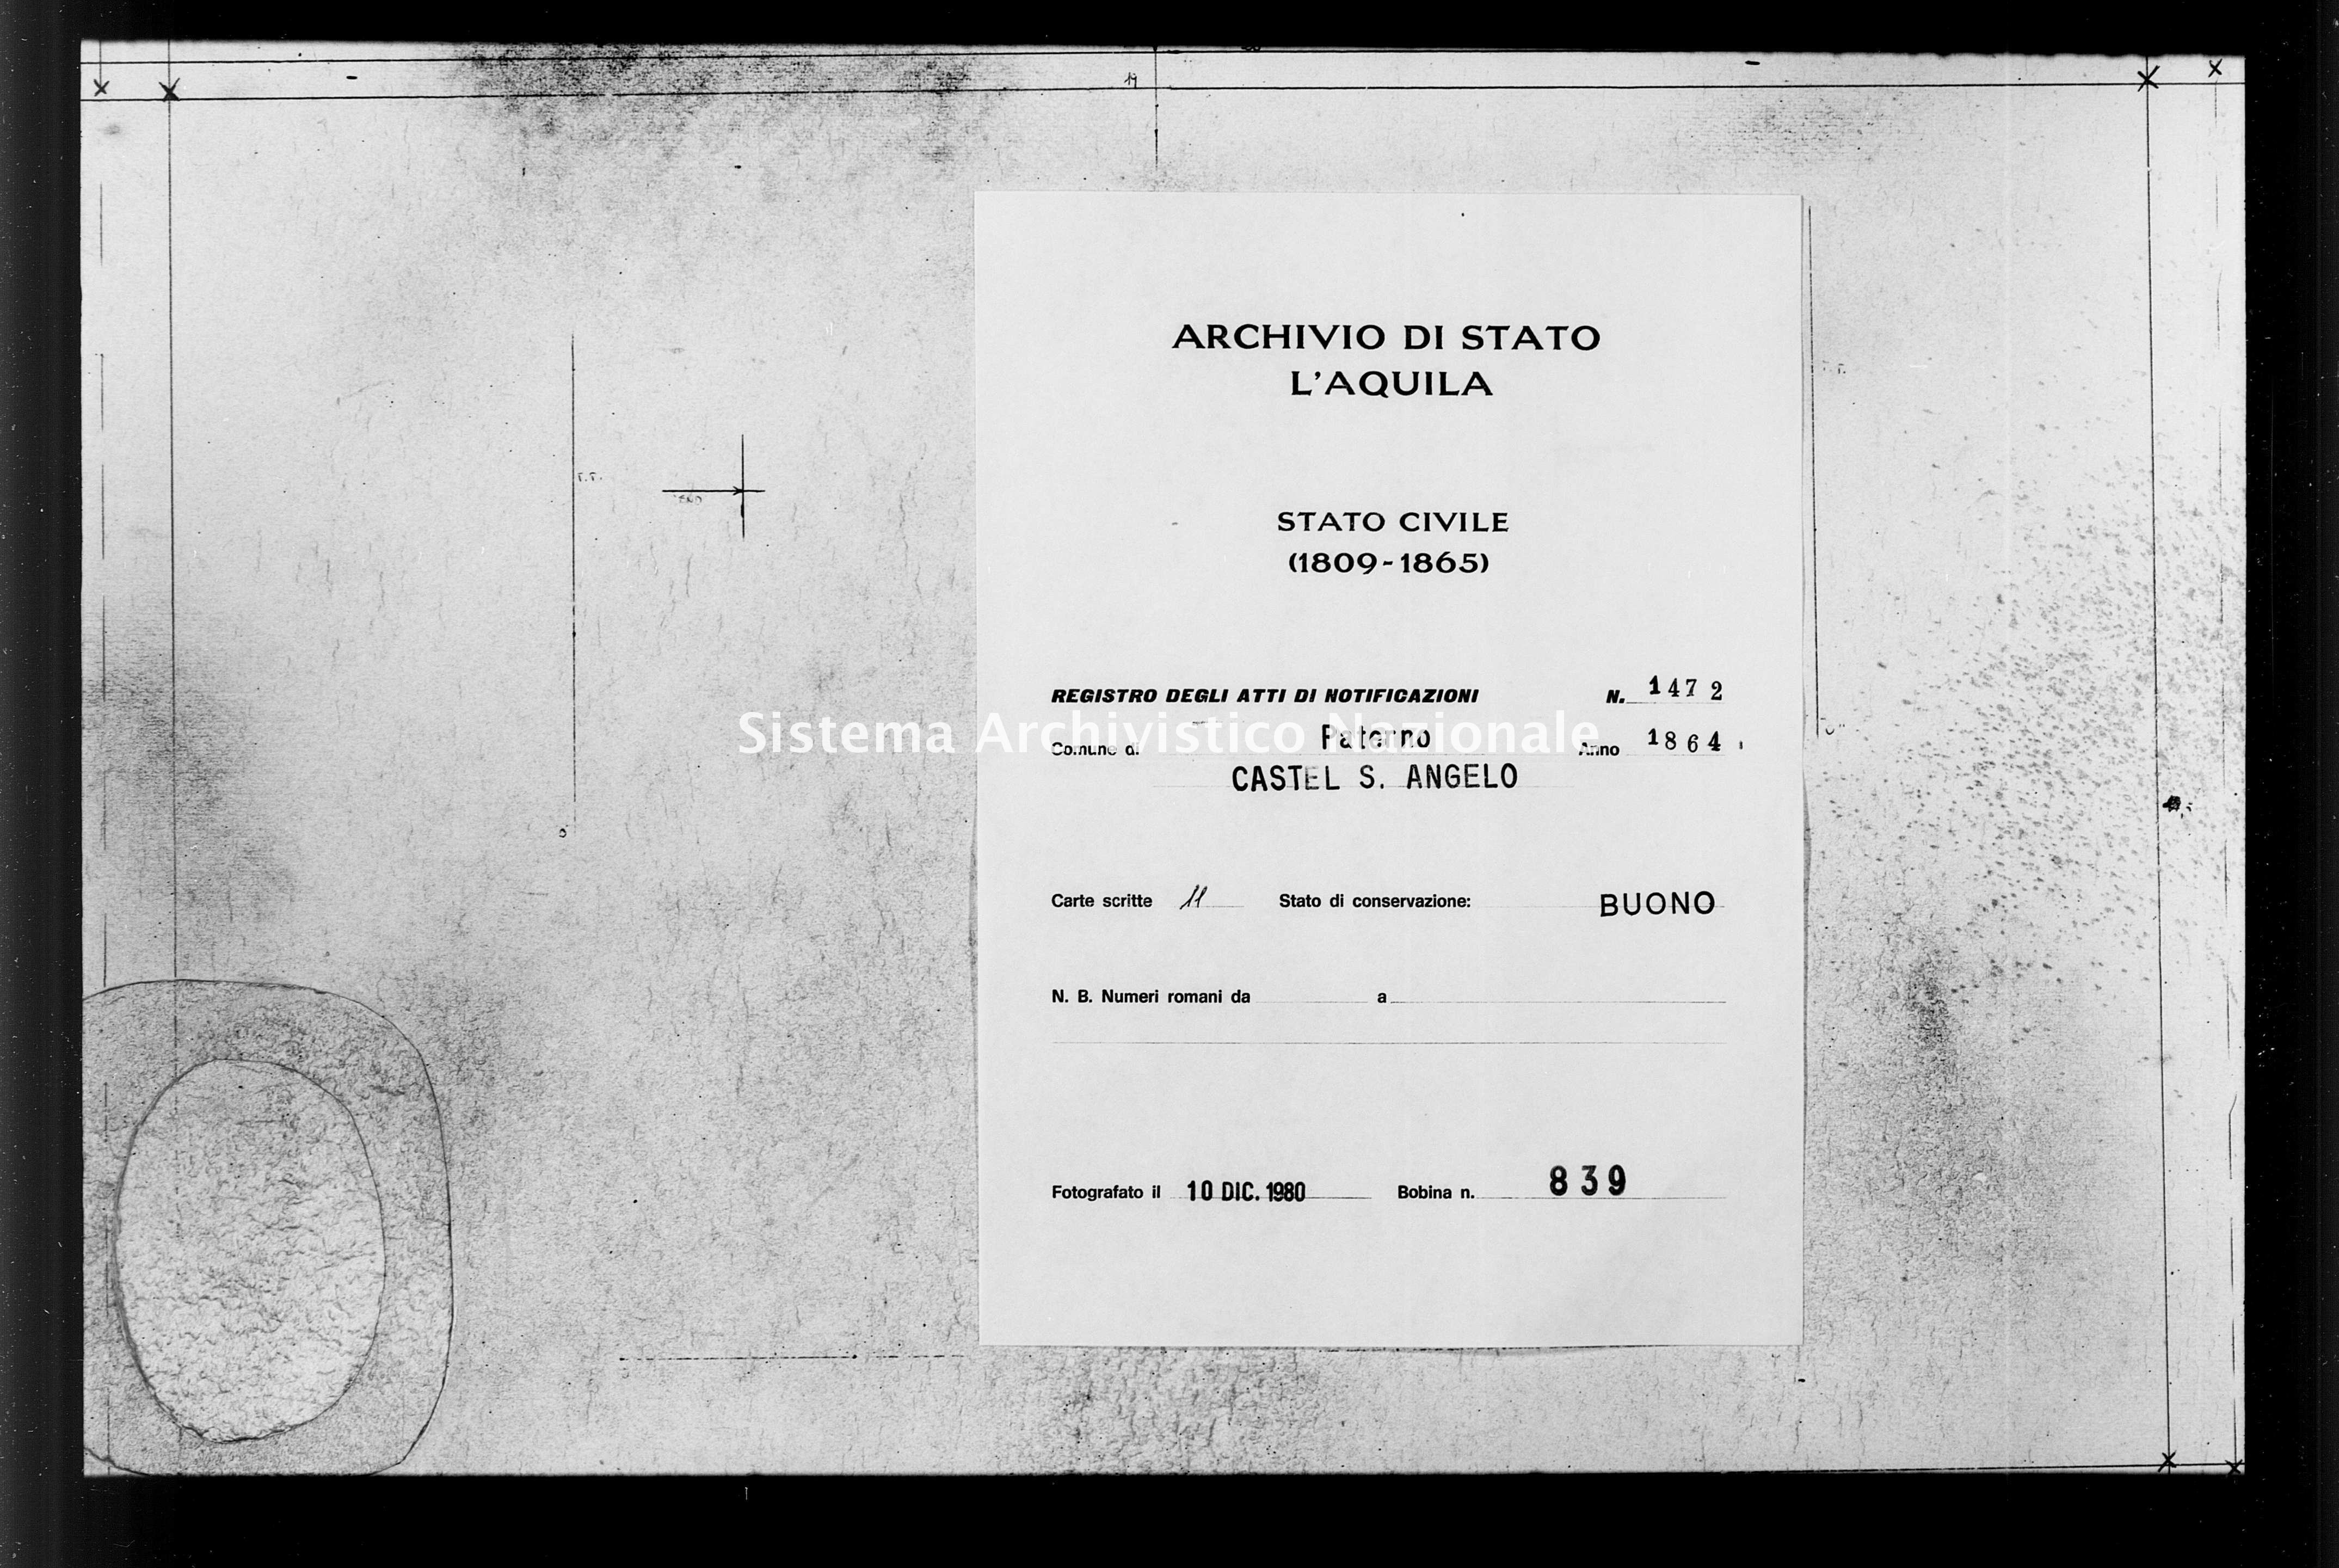 Archivio di stato di L'aquila - Stato civile italiano - Paterno - Matrimoni, memorandum notificazioni ed opposizioni - 1864 - 1472 -